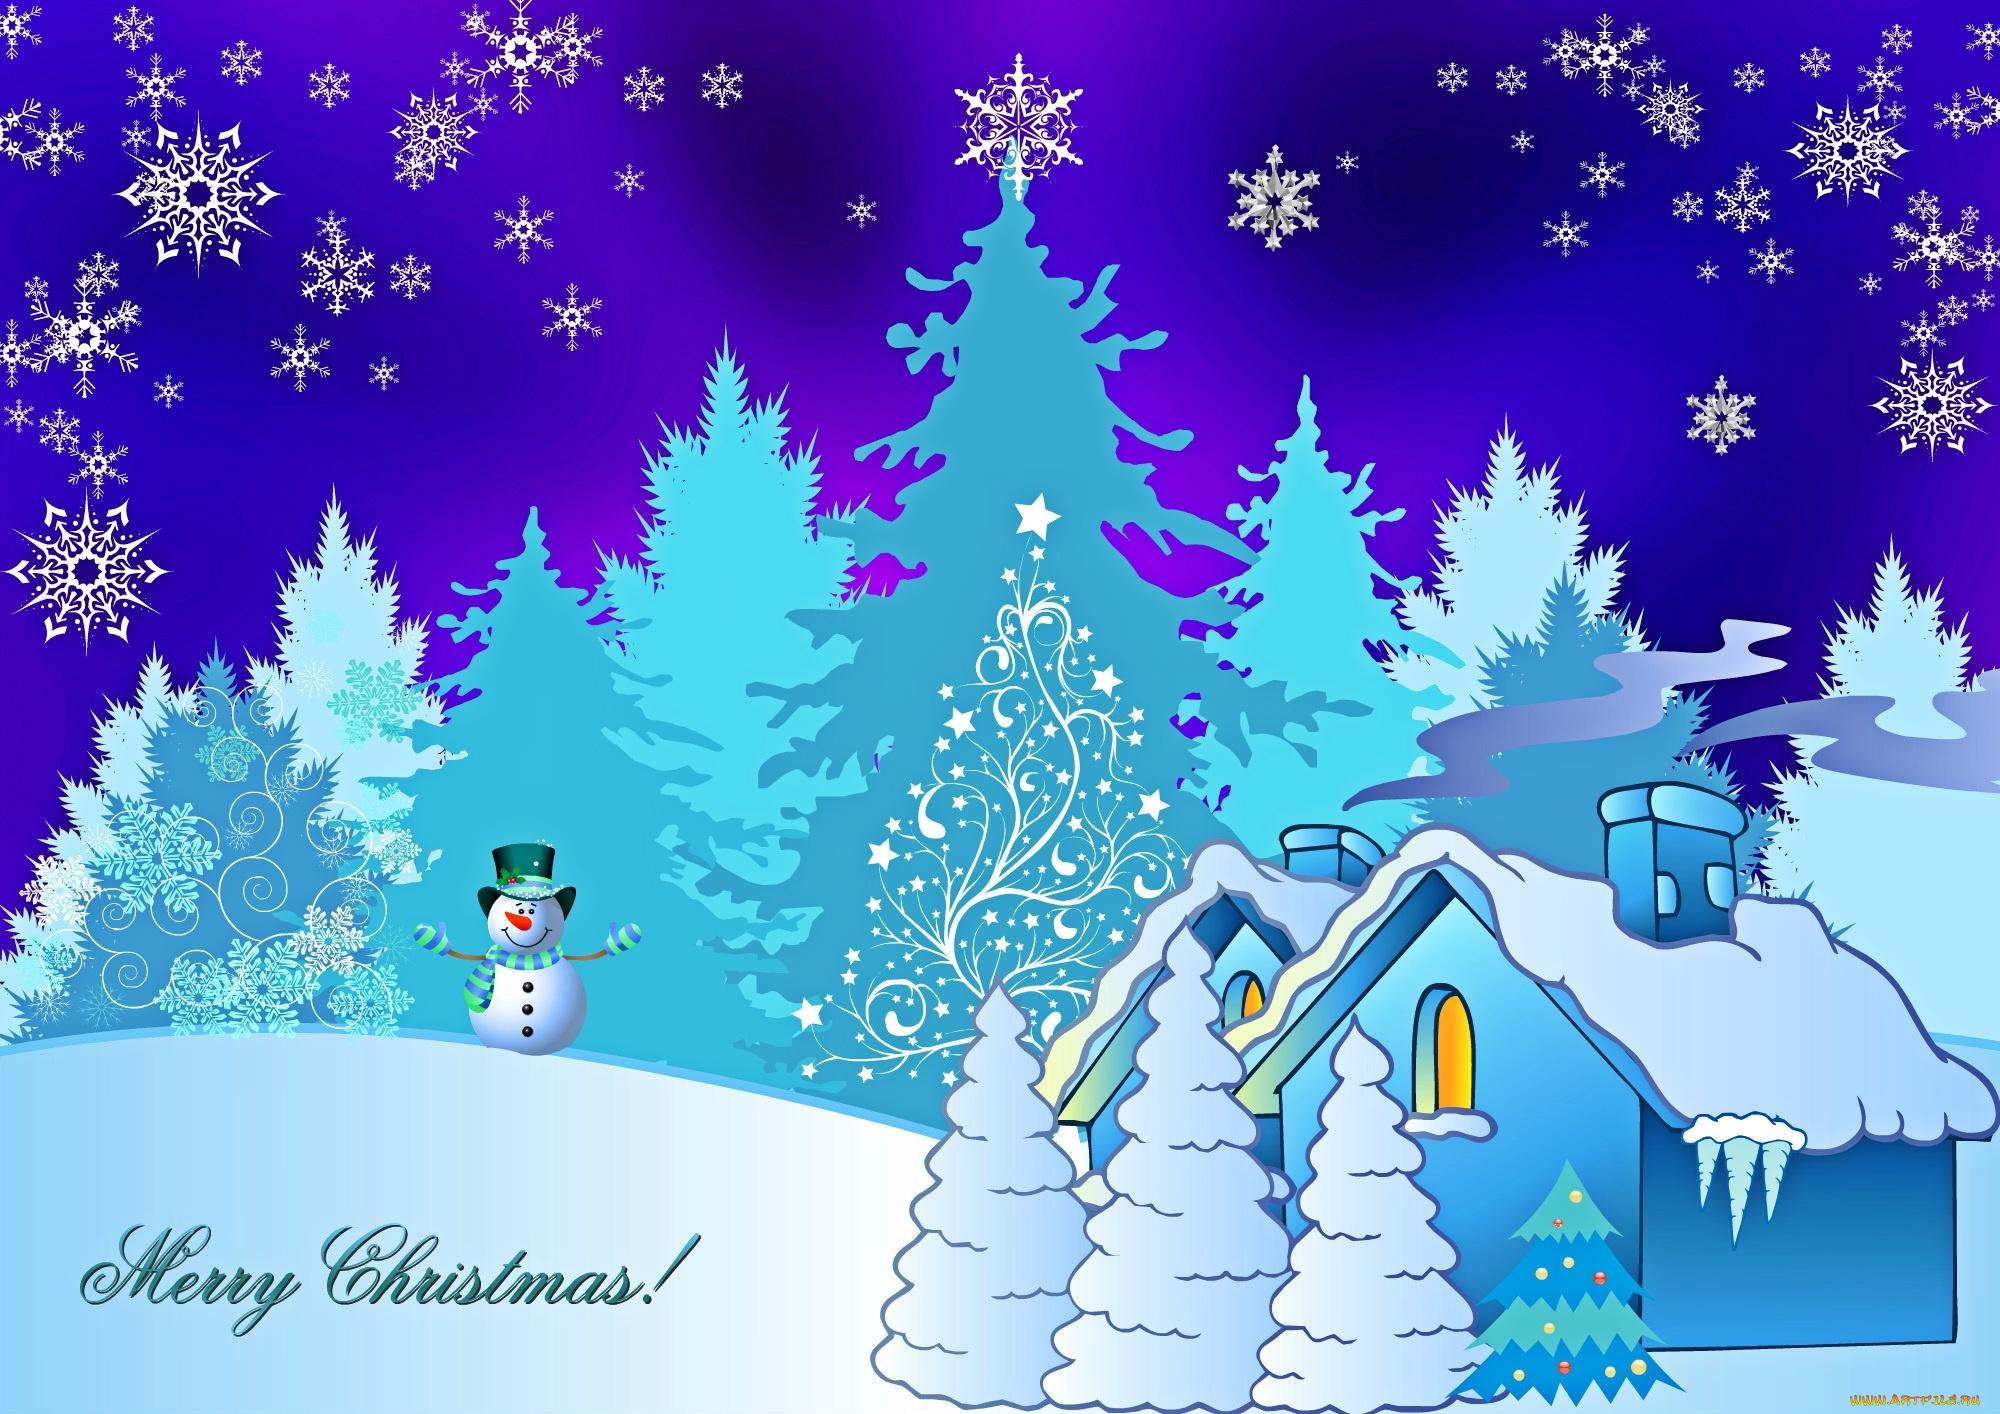 Свадьбой подписанные, новогодние картинки с домиком и снеговиком